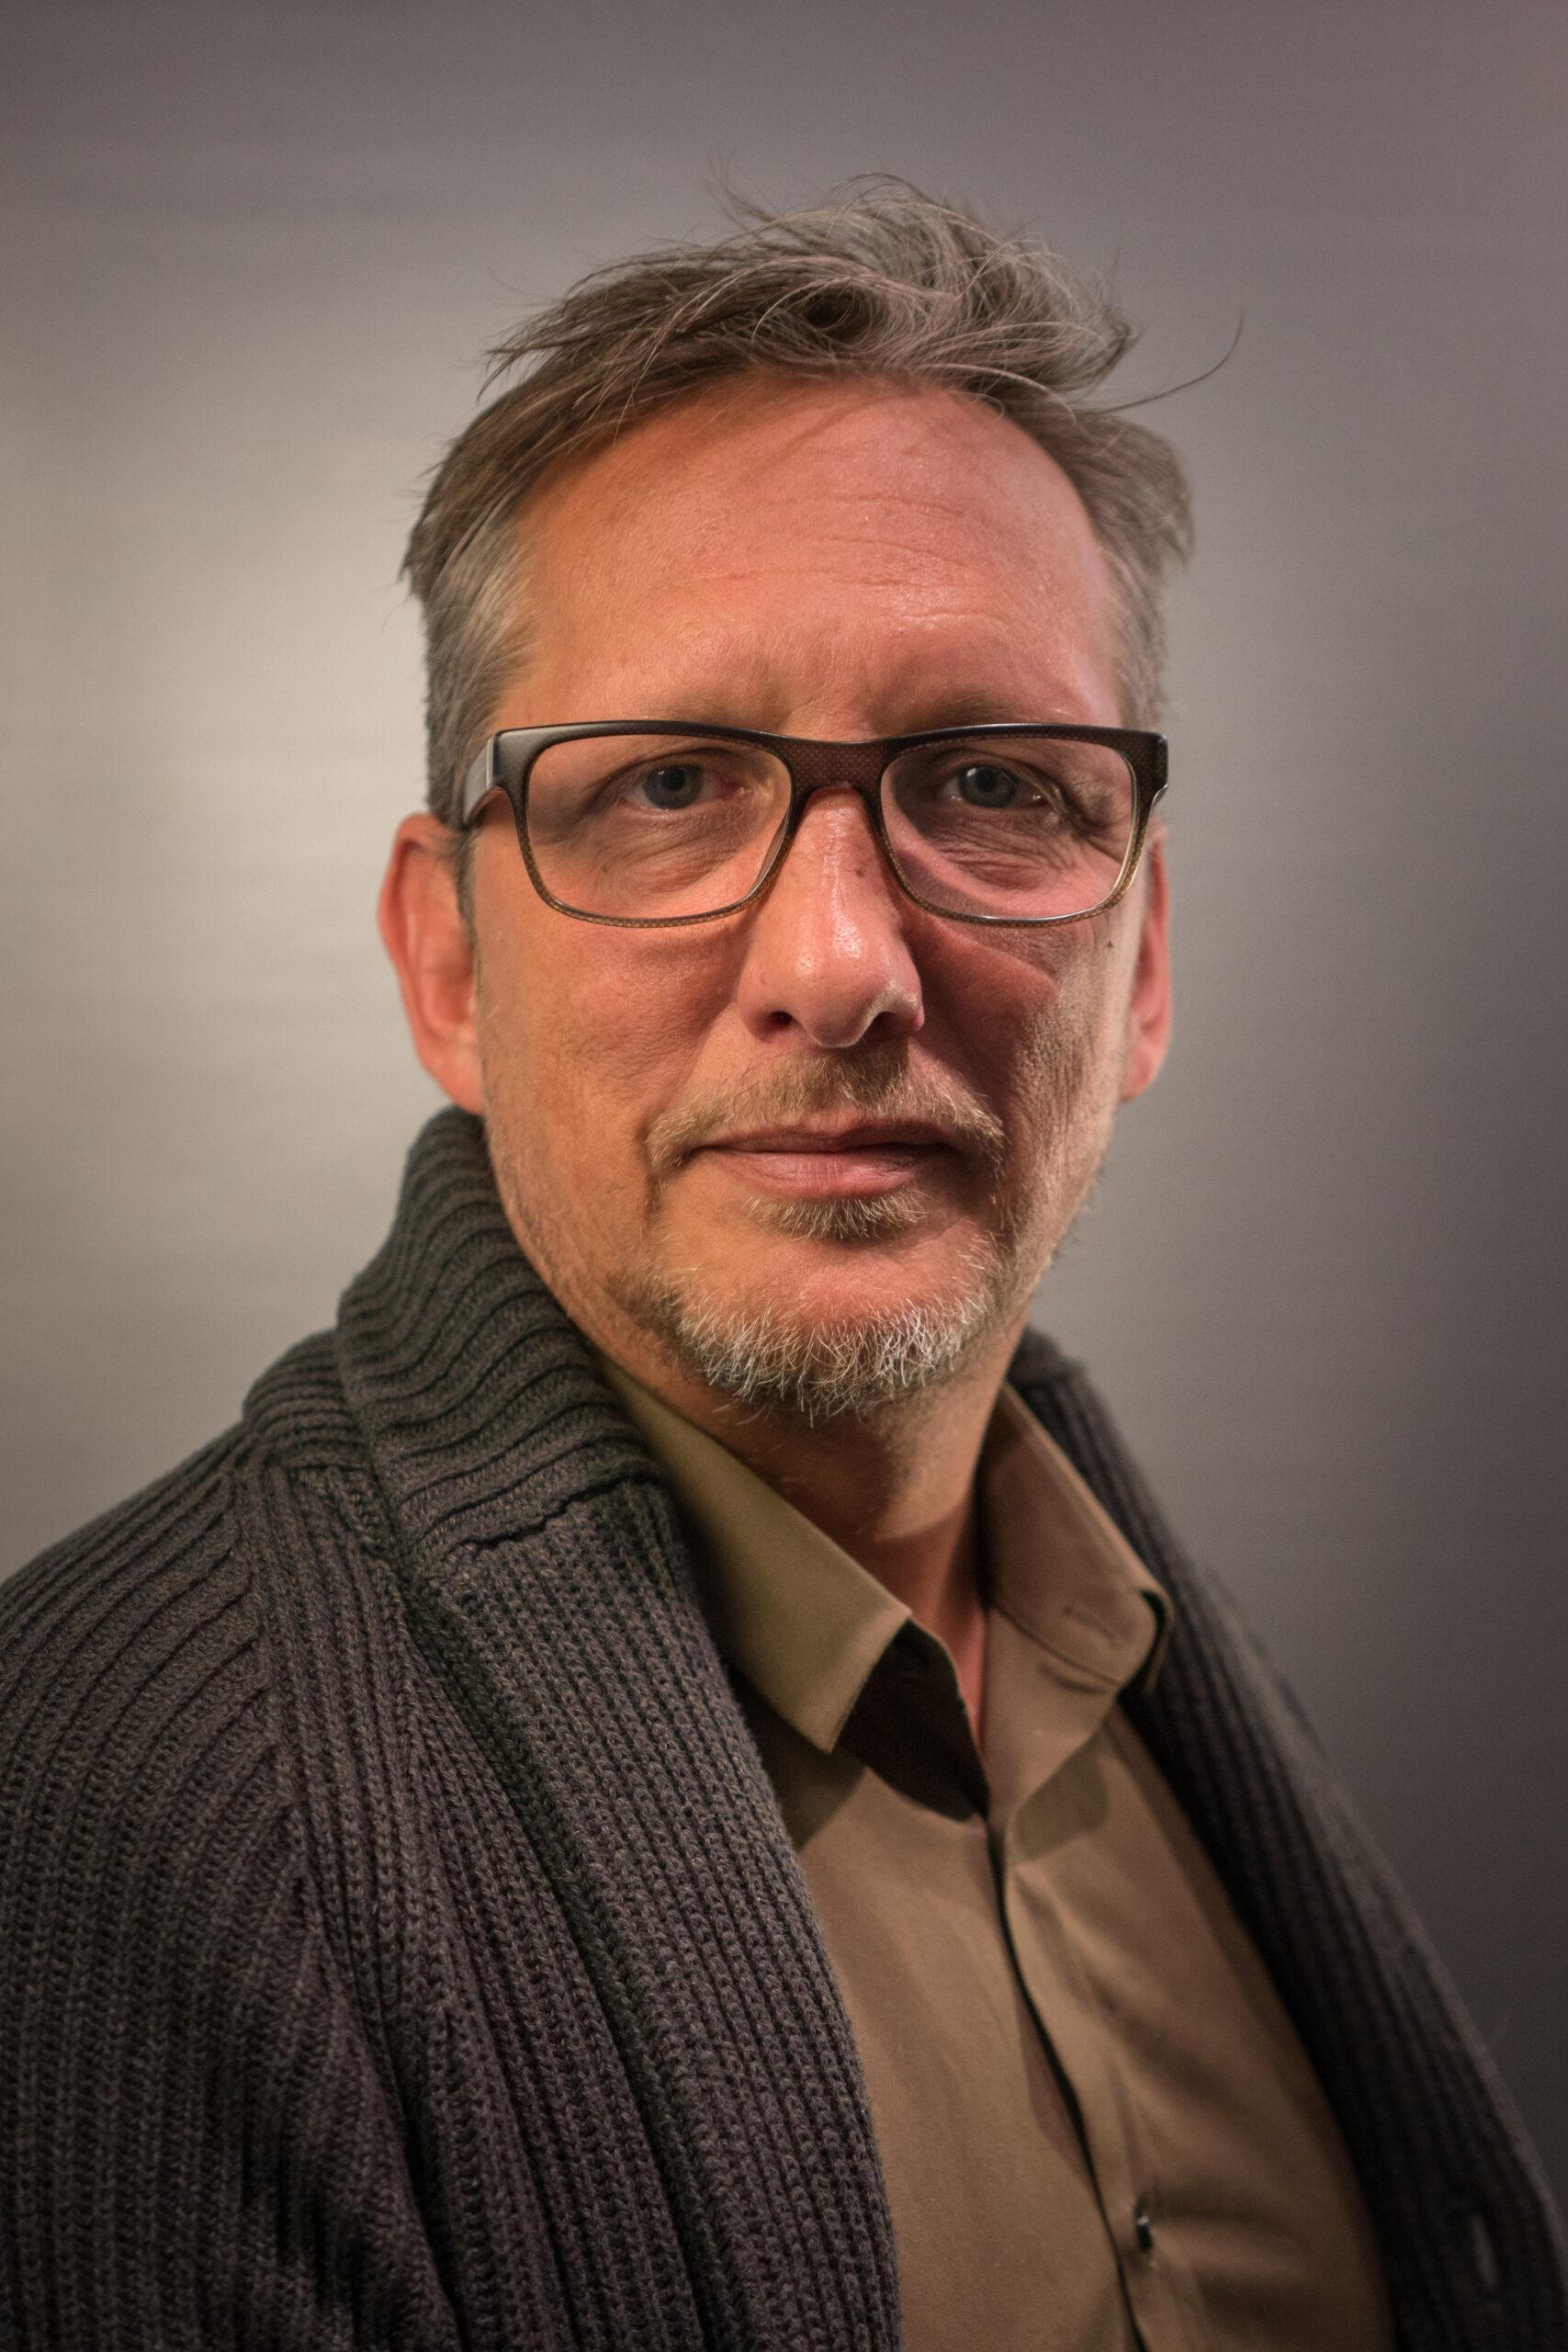 Marc Lahaie